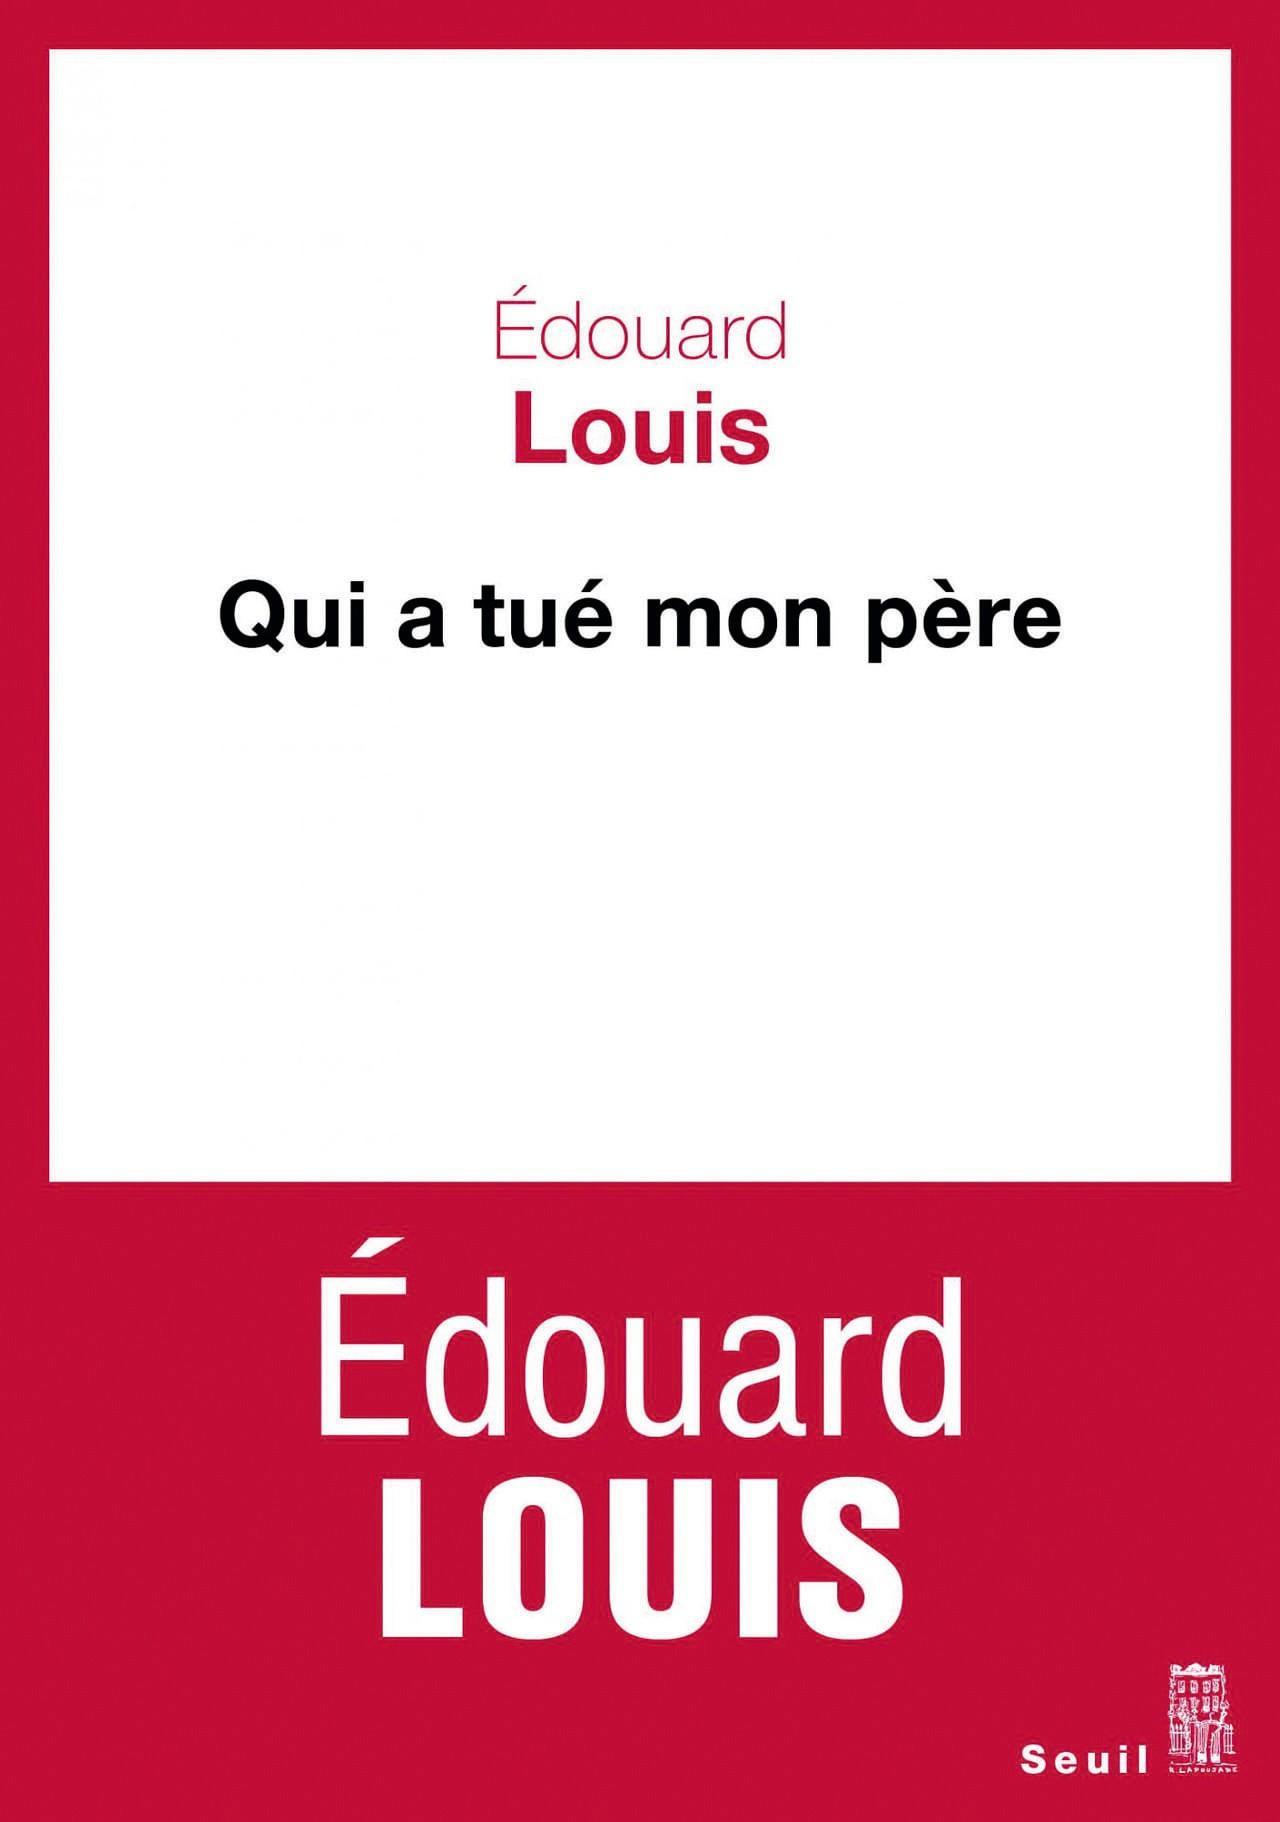 Édouard Louis, Qui a tué mon père